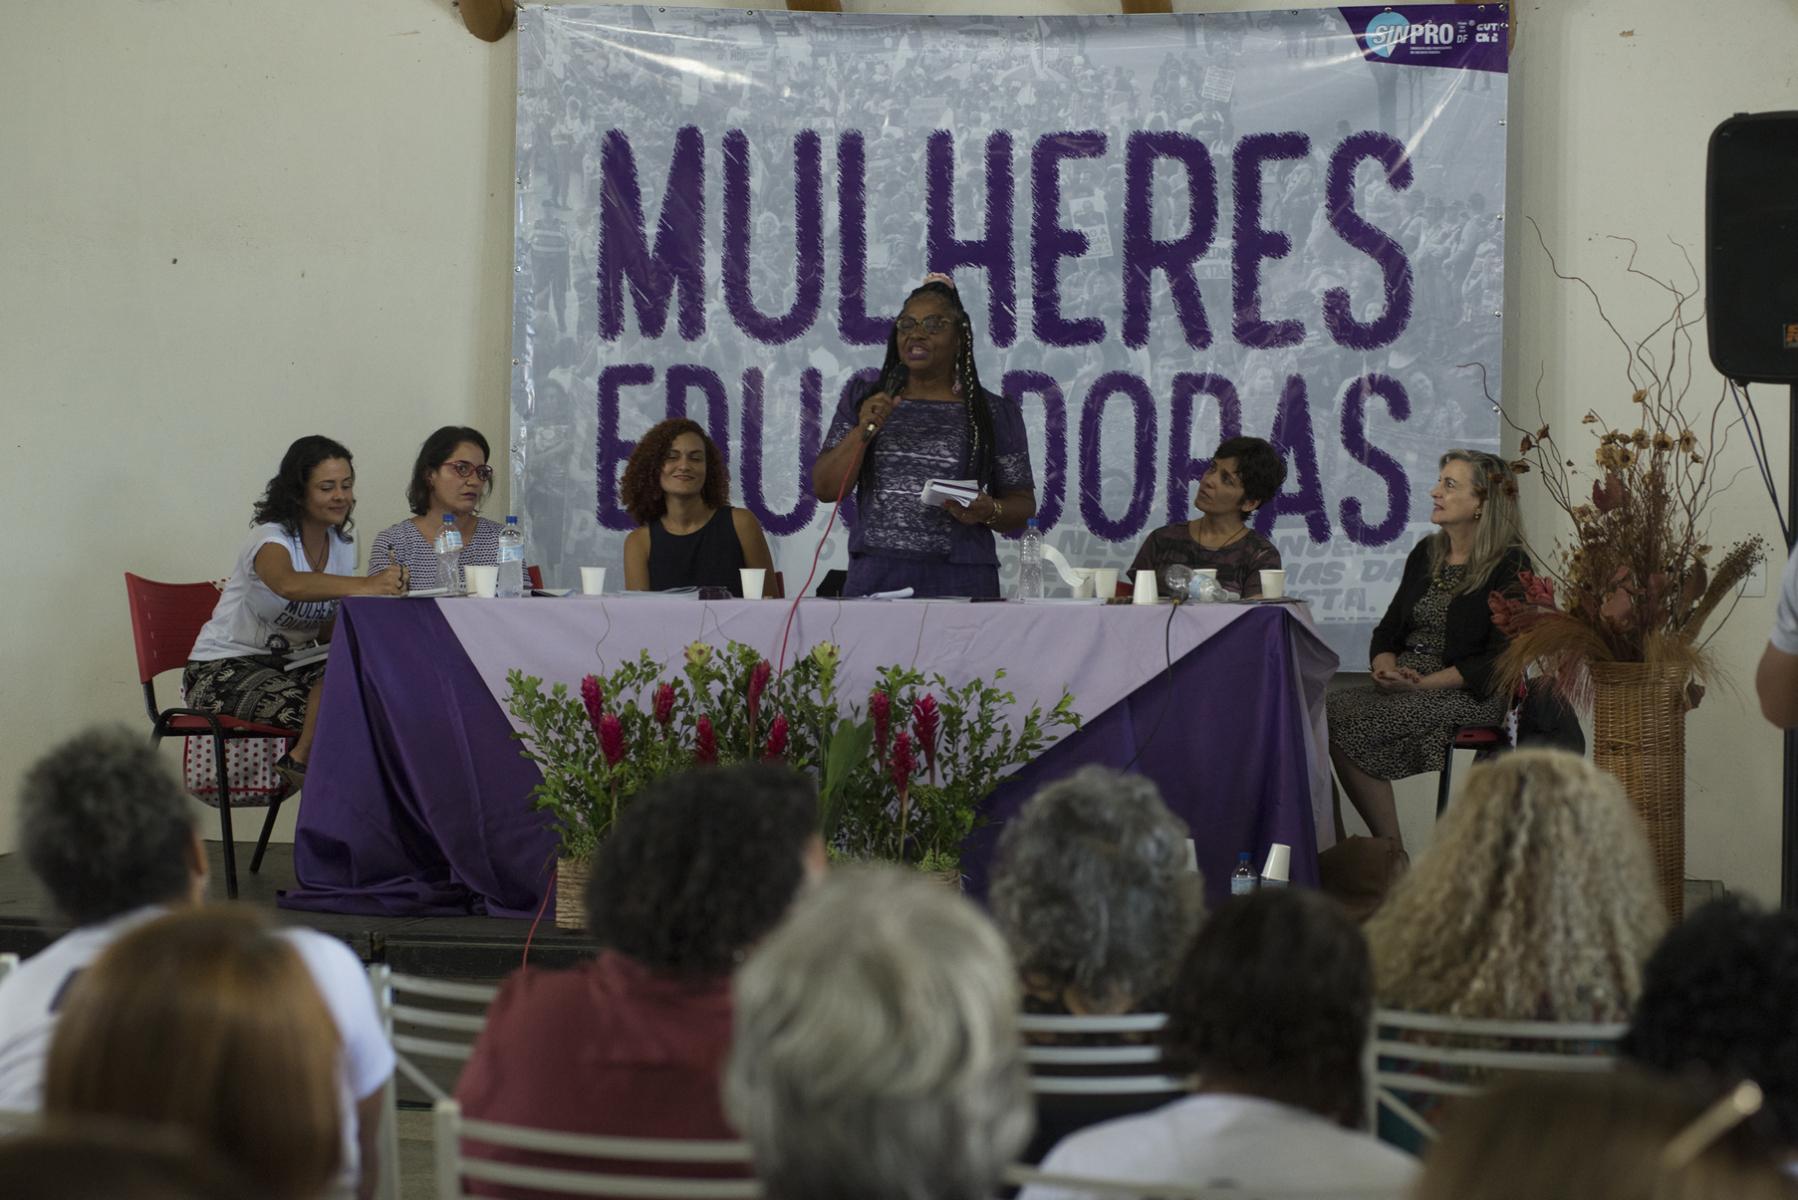 2019.04.27_ENCONTRO-MULHERES-EDUCADORAS_fotos-Deva-Garcia-8